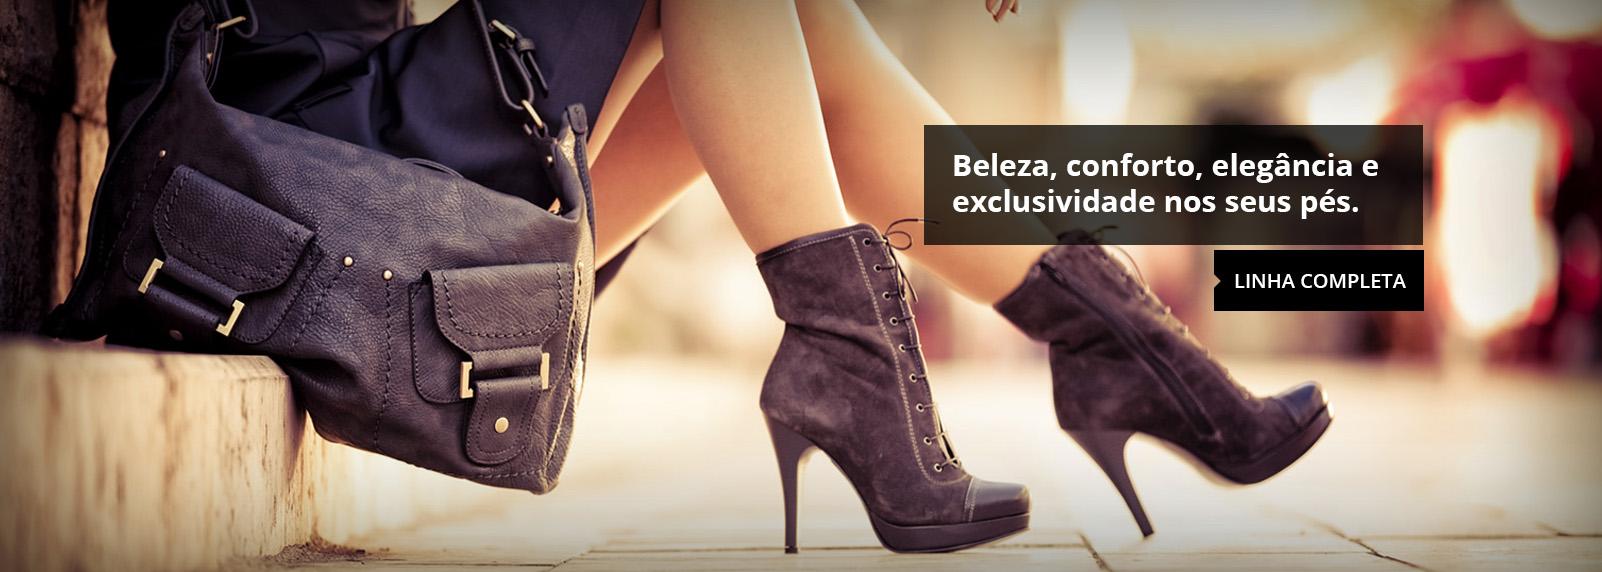 Beleza, Conforto, Elegância e exclusividade nos seus pés!